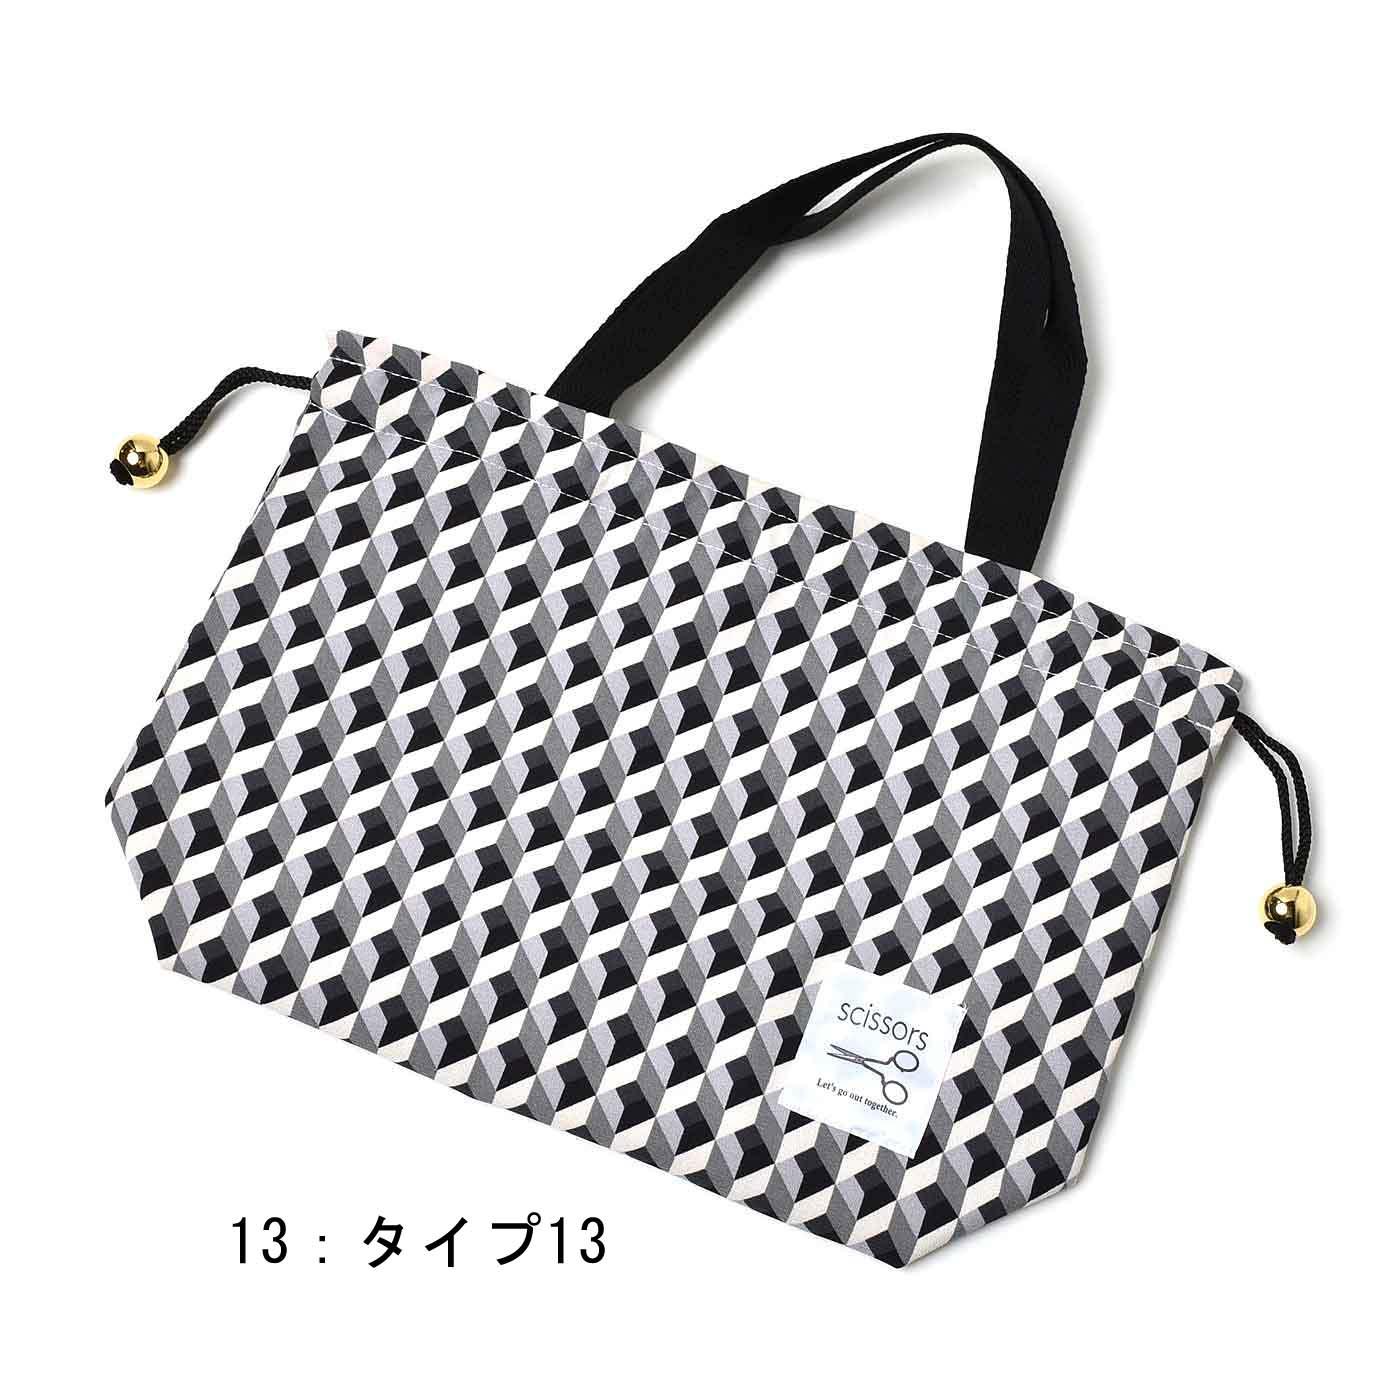 タイプ13:きんちゃくタイプのバッグインナー 縦約23cm、横約33cm、まち幅約8cm、持ち手の長さ約35cm